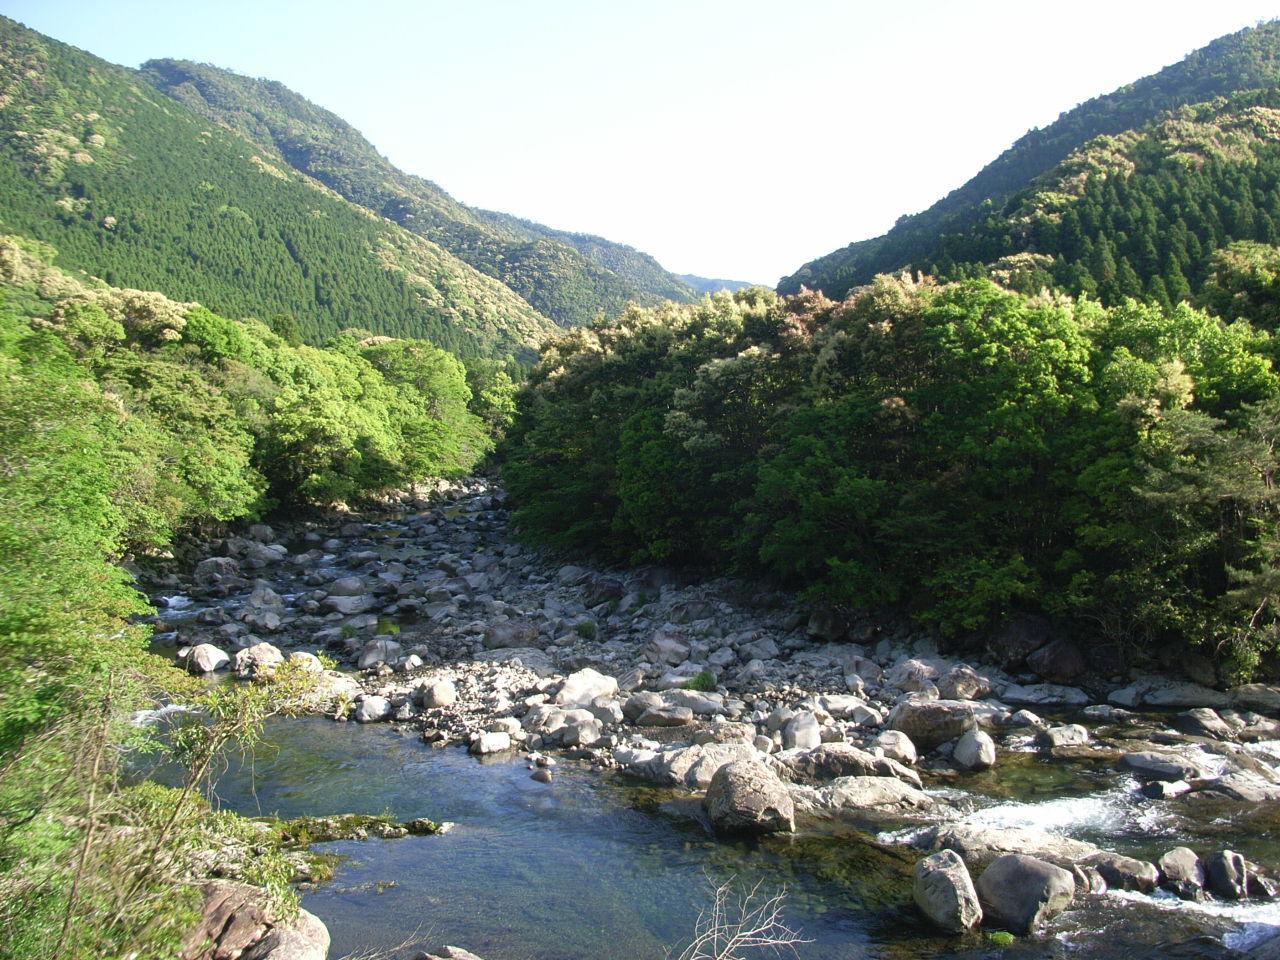 名貫川 名貫川 名貫川の名前の由来は、はっきりしません。 名貫川は、その上流の尾... ワーキン